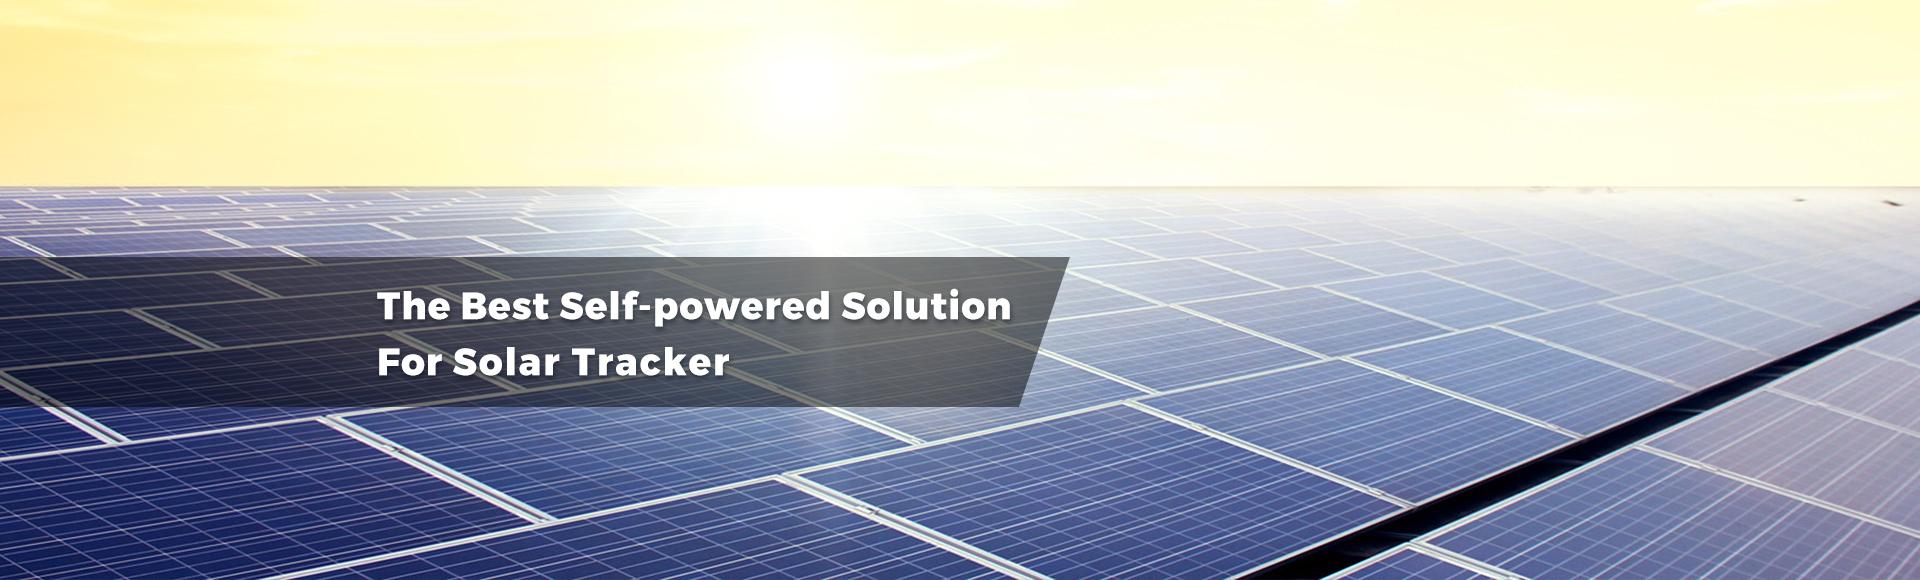 MORNSUN self-powered power converter for solar tracker